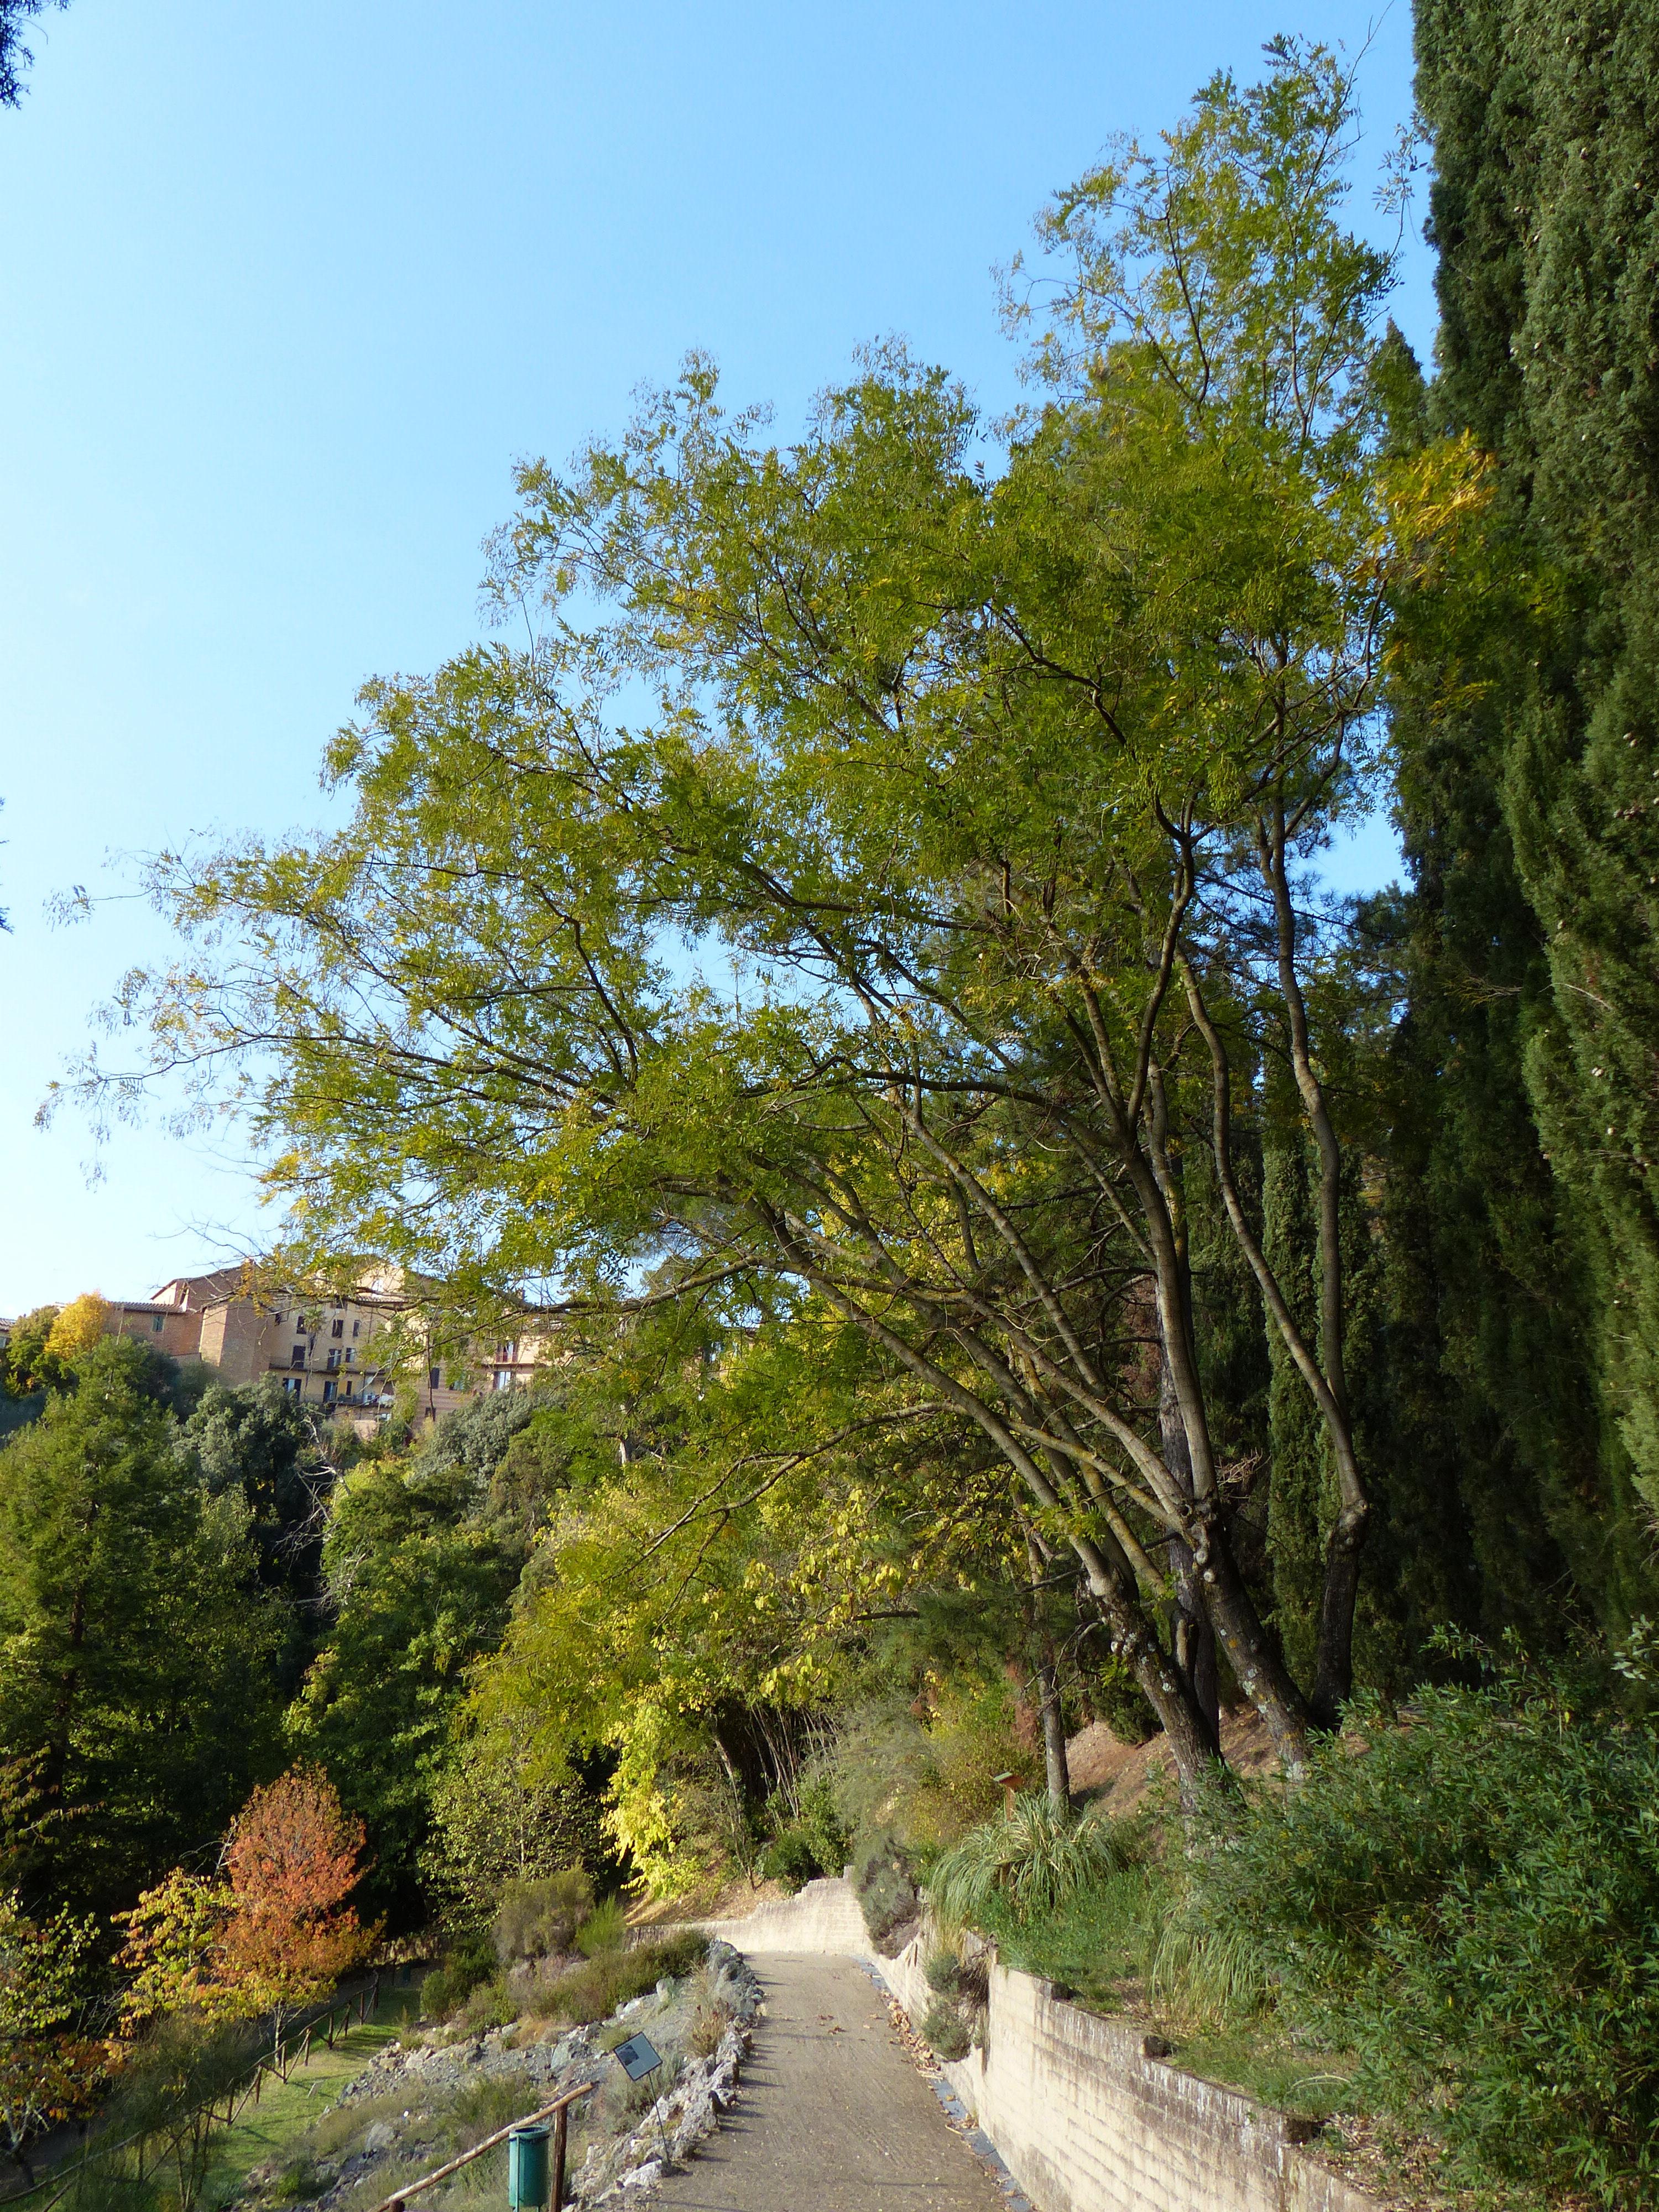 © Dipartimento di Scienze della Vita, Università di Trieste<br>by Andrea Moro<br>Siena, Orto botanico dell'Università di Siena, SI, Toscana, Italia, 31/10/2012<br>Distributed under CC-BY-SA 4.0 license.